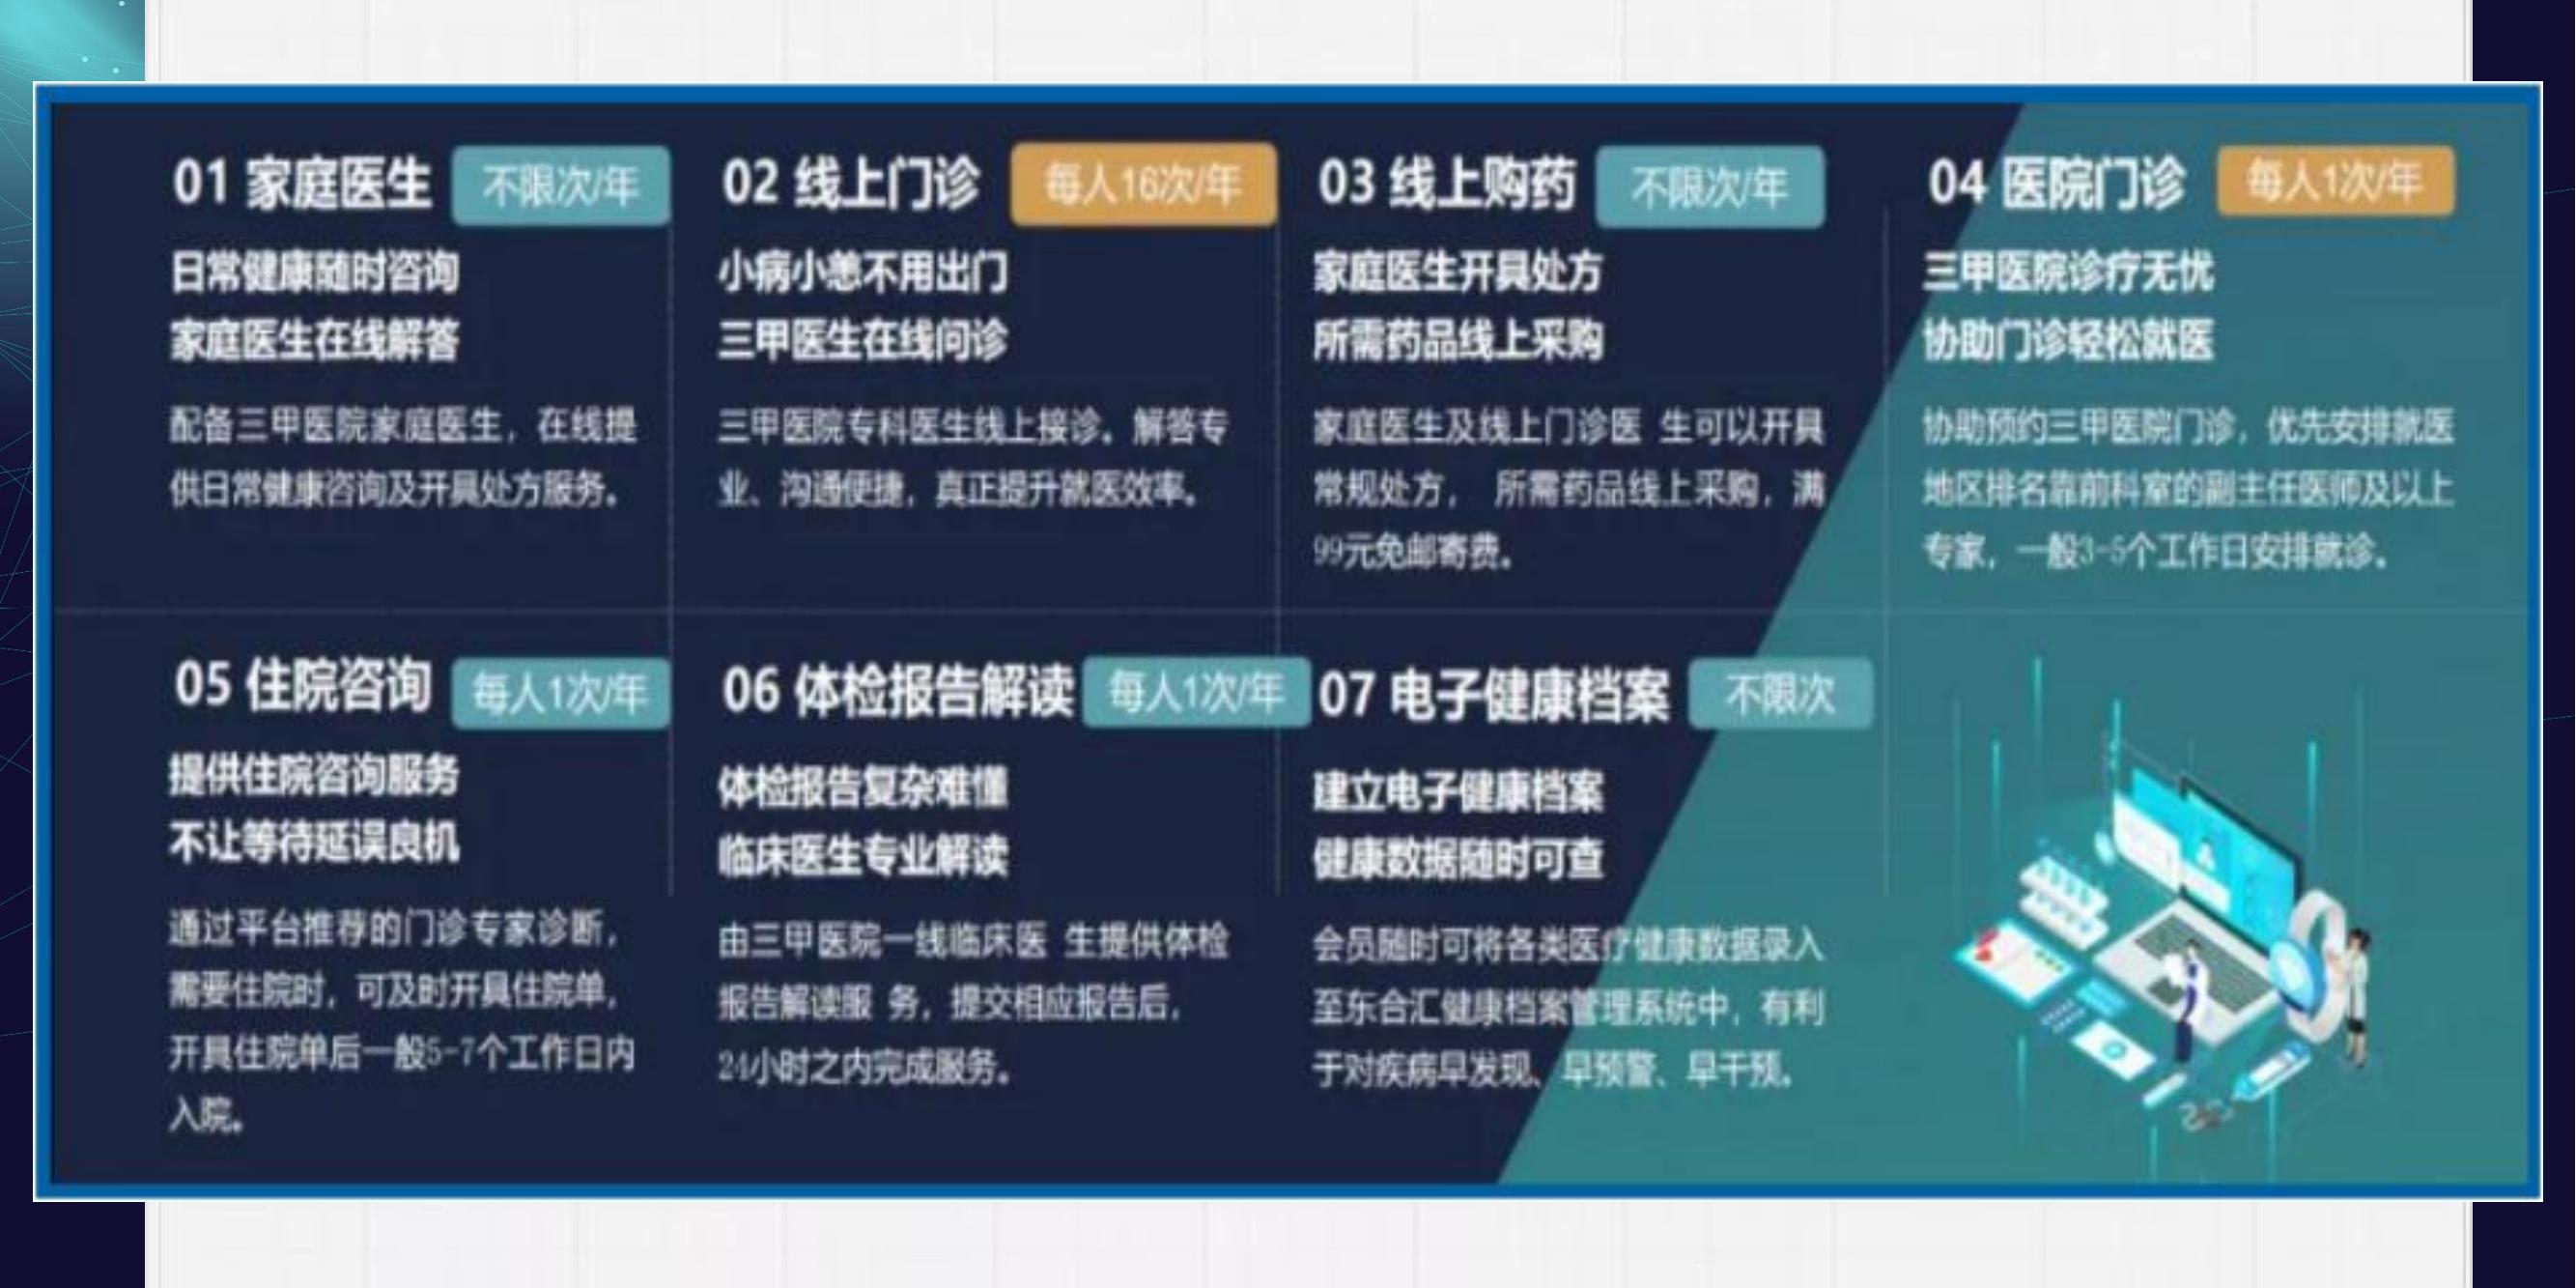 云医链战略及价值愿景和产品(官方版)_27.png